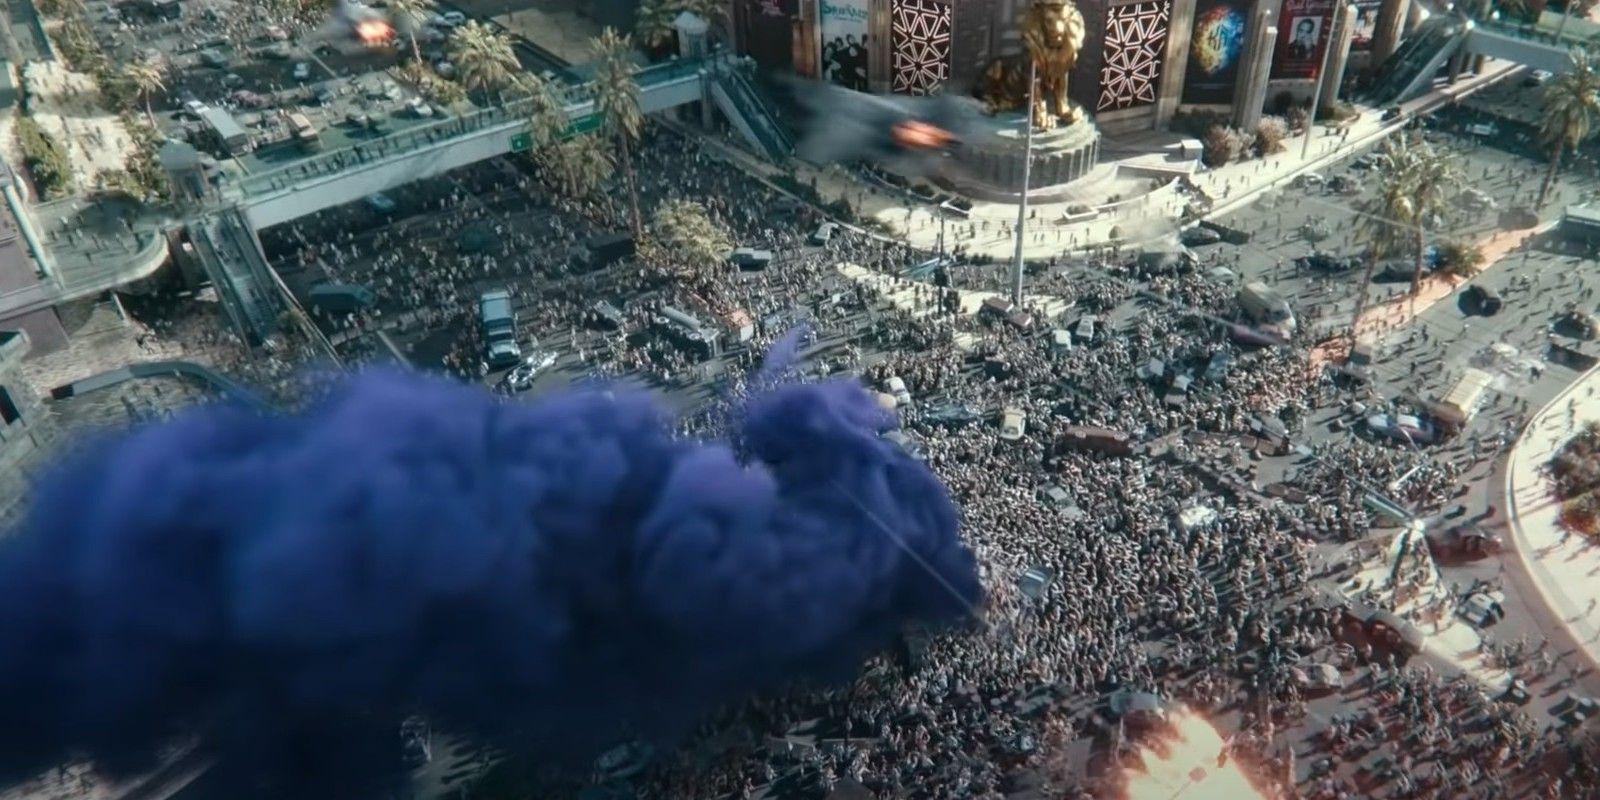 Análise do trailer Army of the Dead: Invasão em Las Vegas: 31 revelações e segredos da história 26